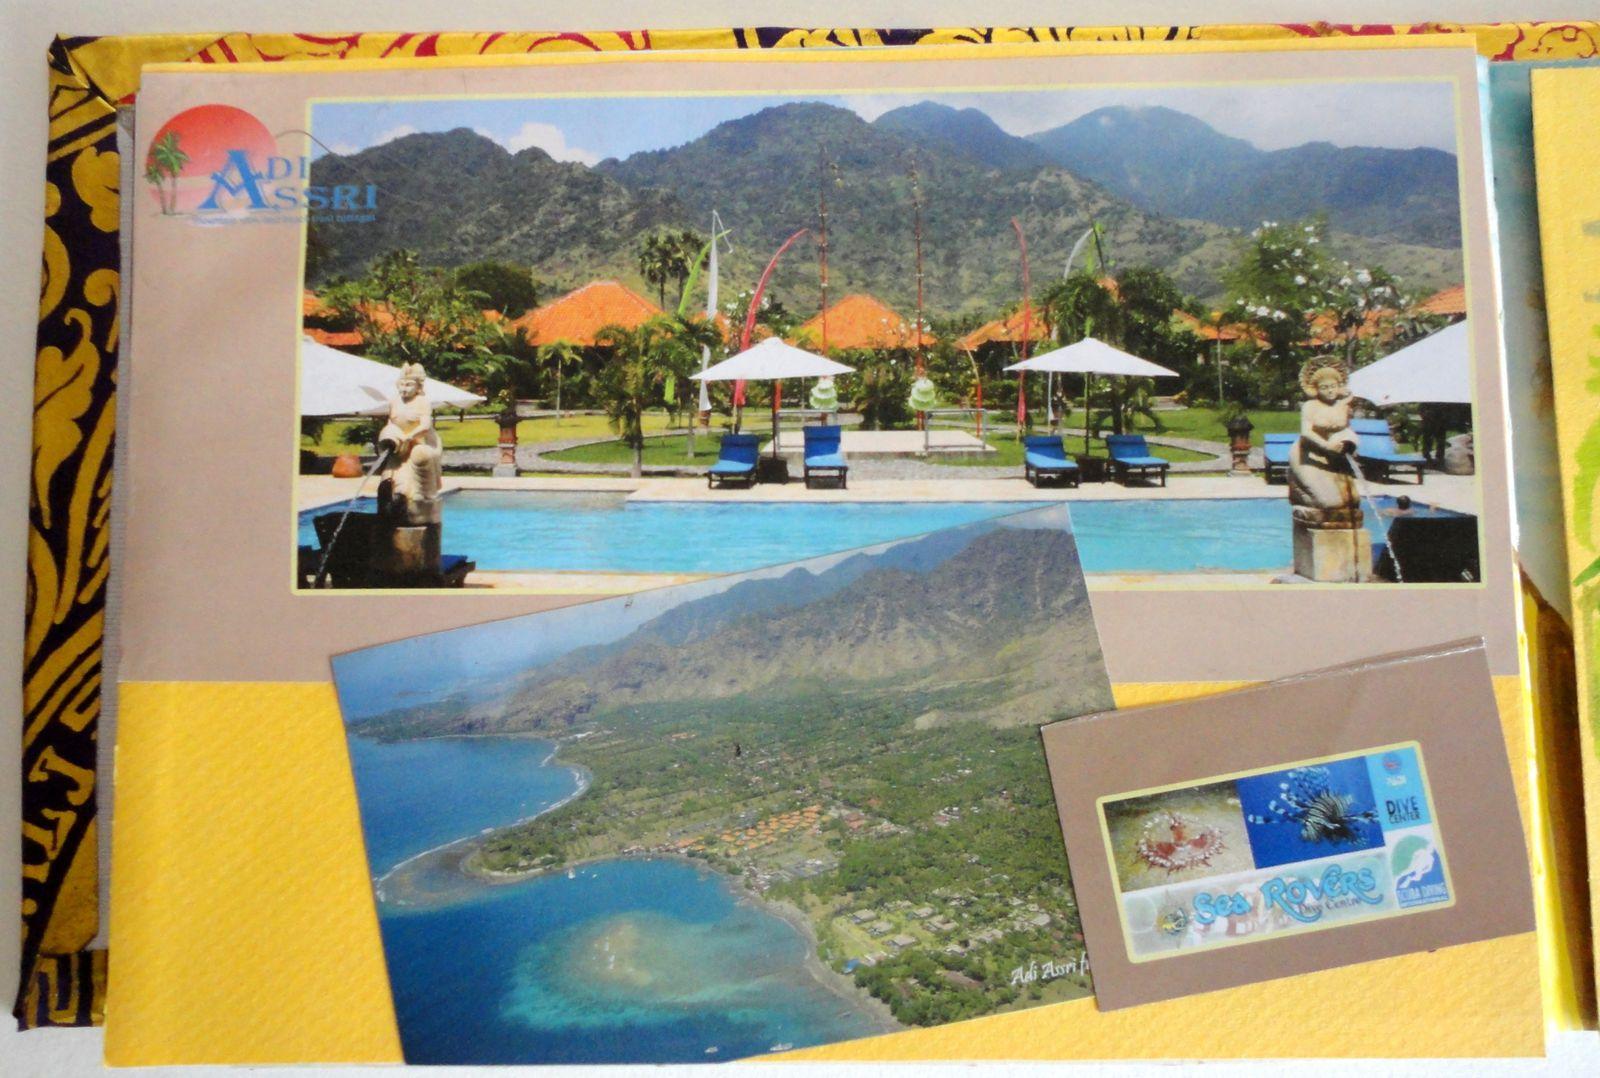 Bali Carnet de voyage Août 2011